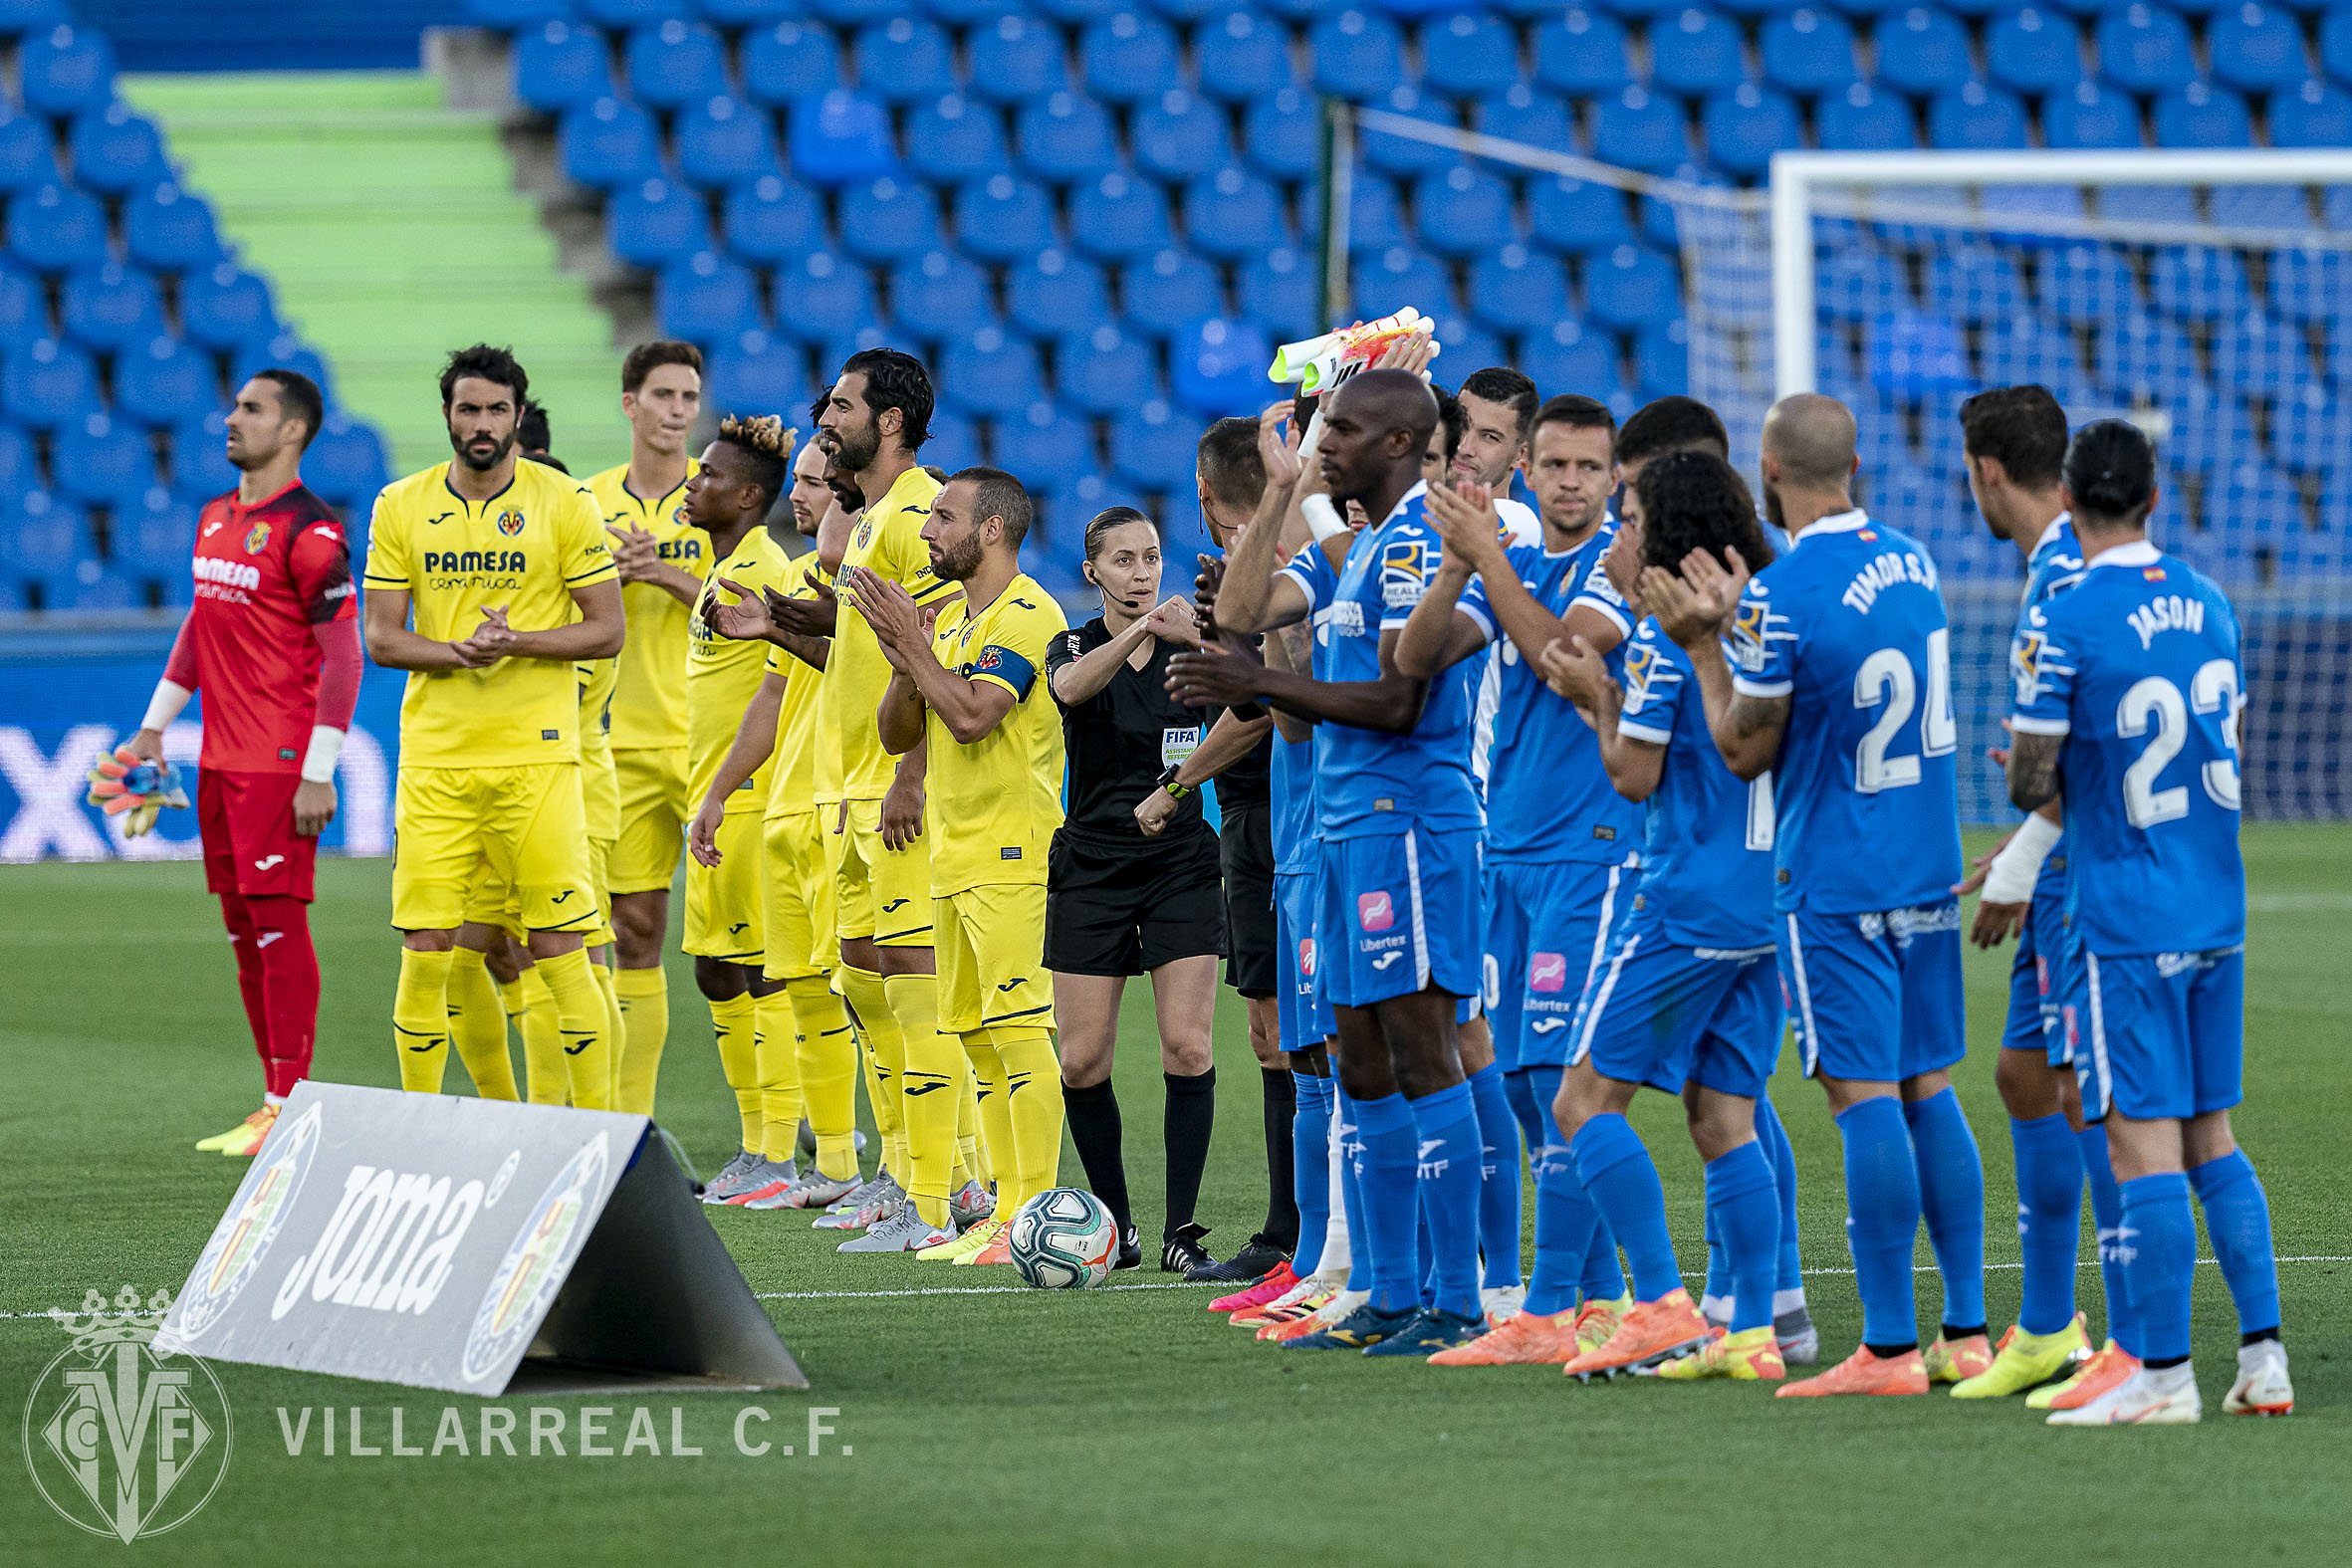 Villarreal y Getafe antes de comenzar su encuentro de la pasada temporada